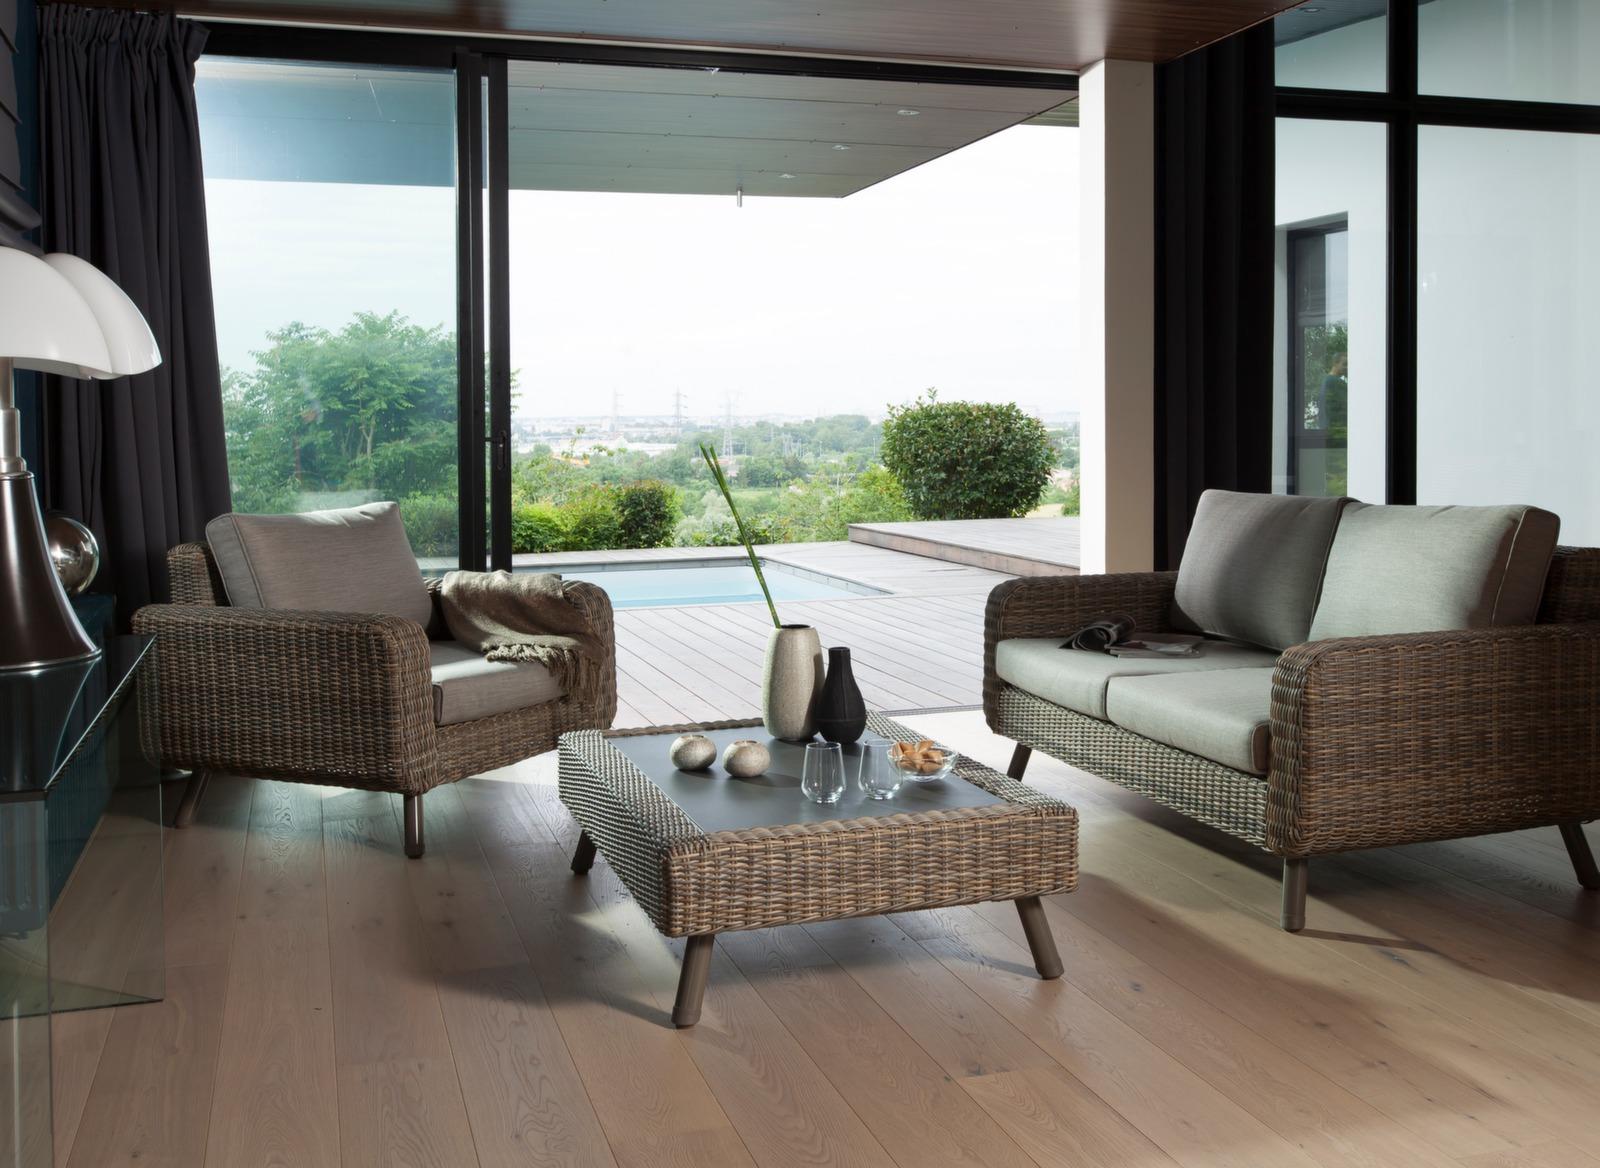 Canapé de jardin haut de gamme 2 places Vigo - Gamme Océo - Proloisirs 40daba62f174